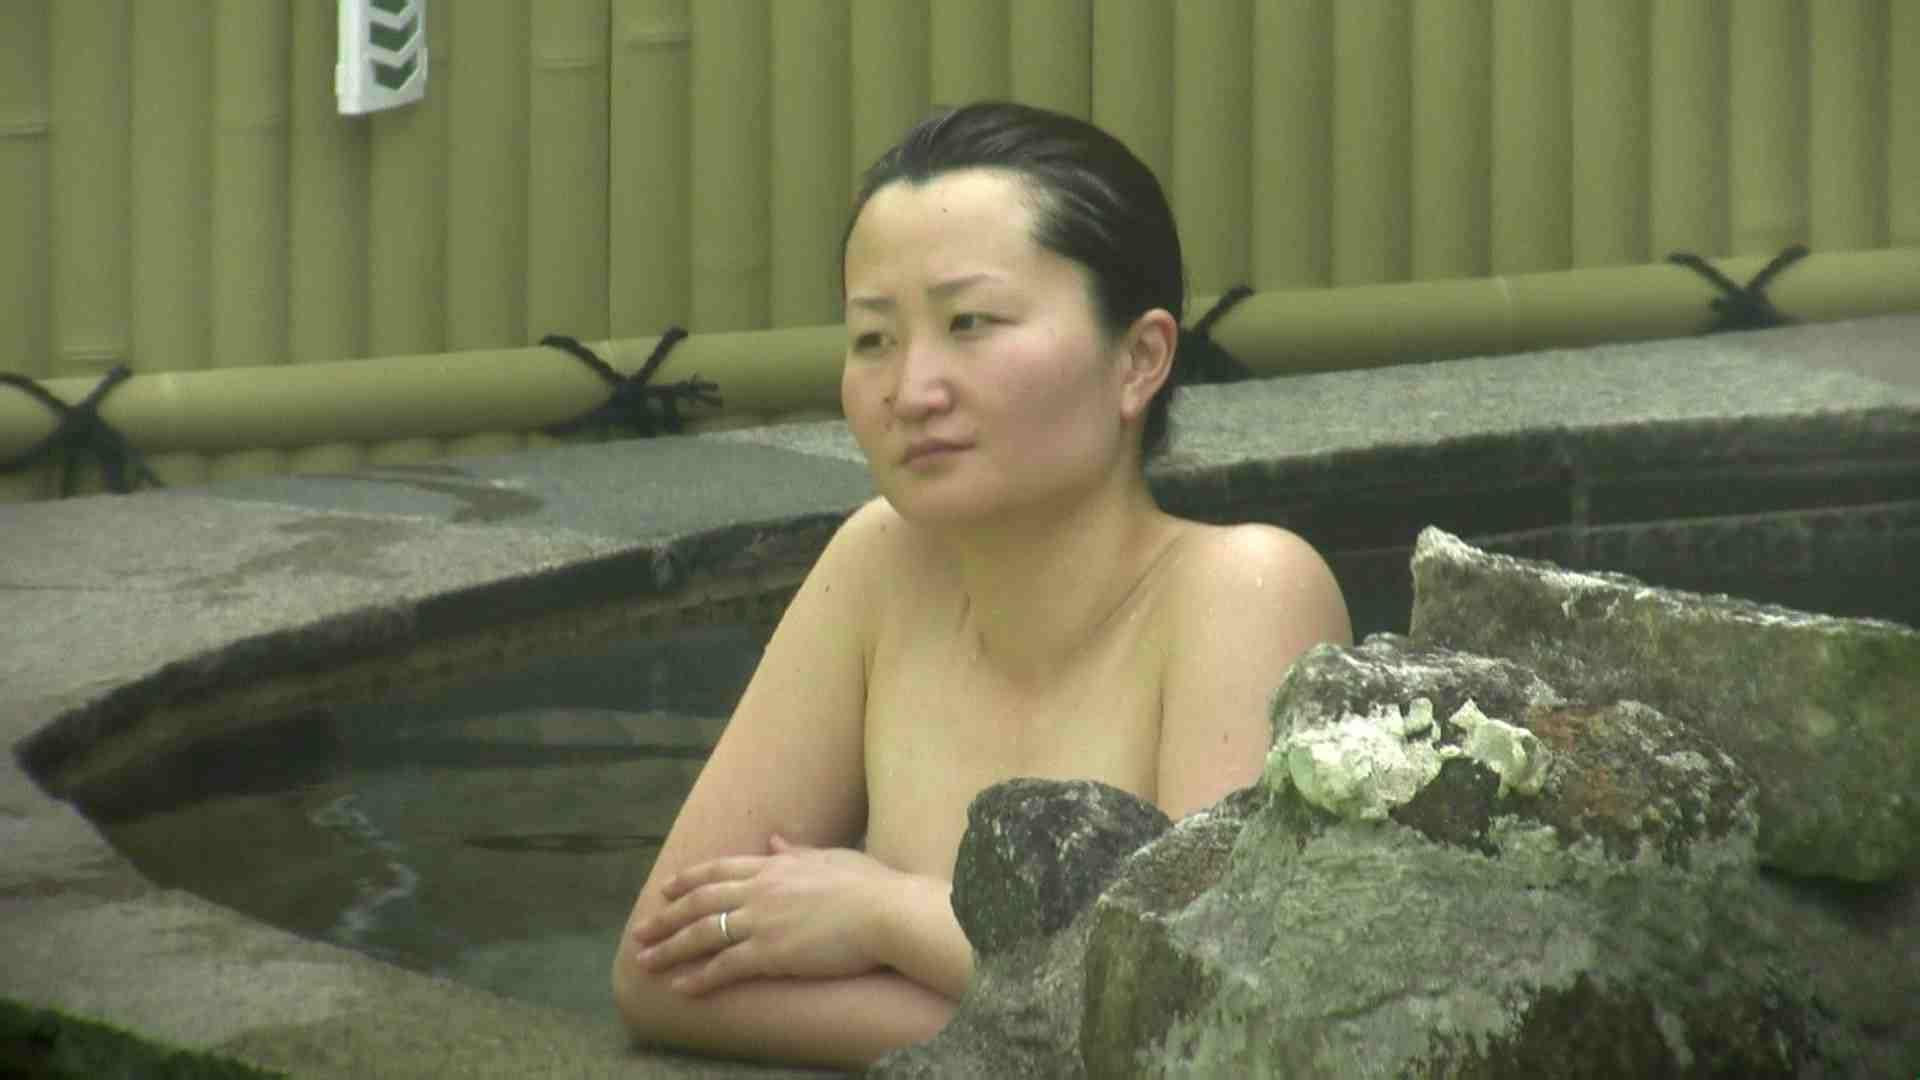 Aquaな露天風呂Vol.632 OL女体 のぞき動画画像 75連発 14